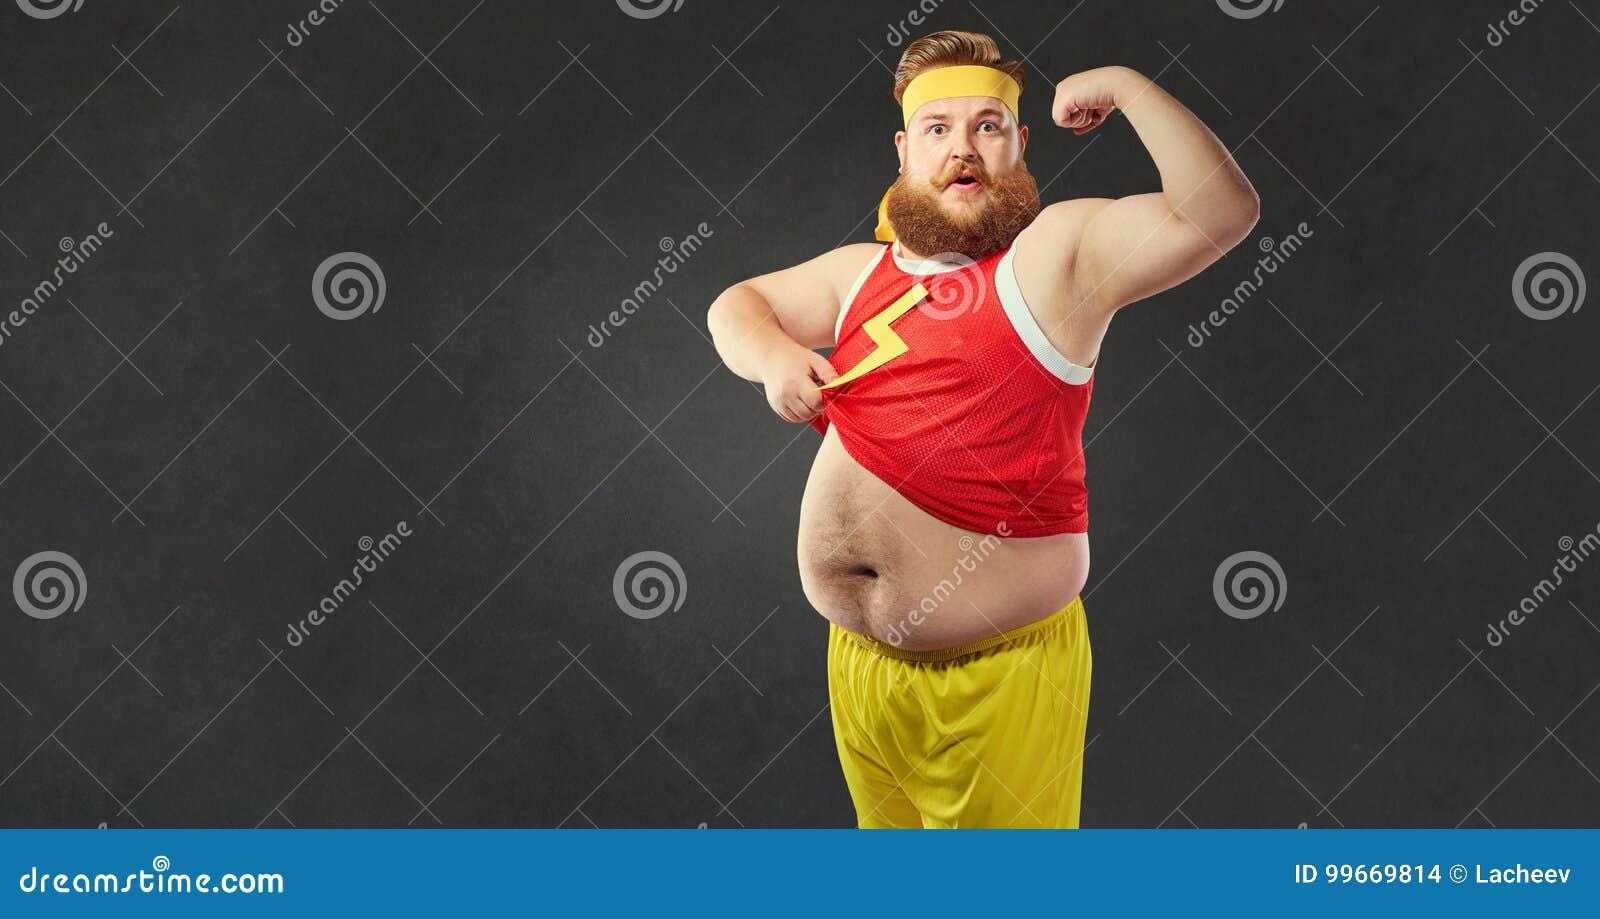 Ein lustiger dicker Mann mit einem dicken Bauch zeigt die Muskeln auf seinem Arm